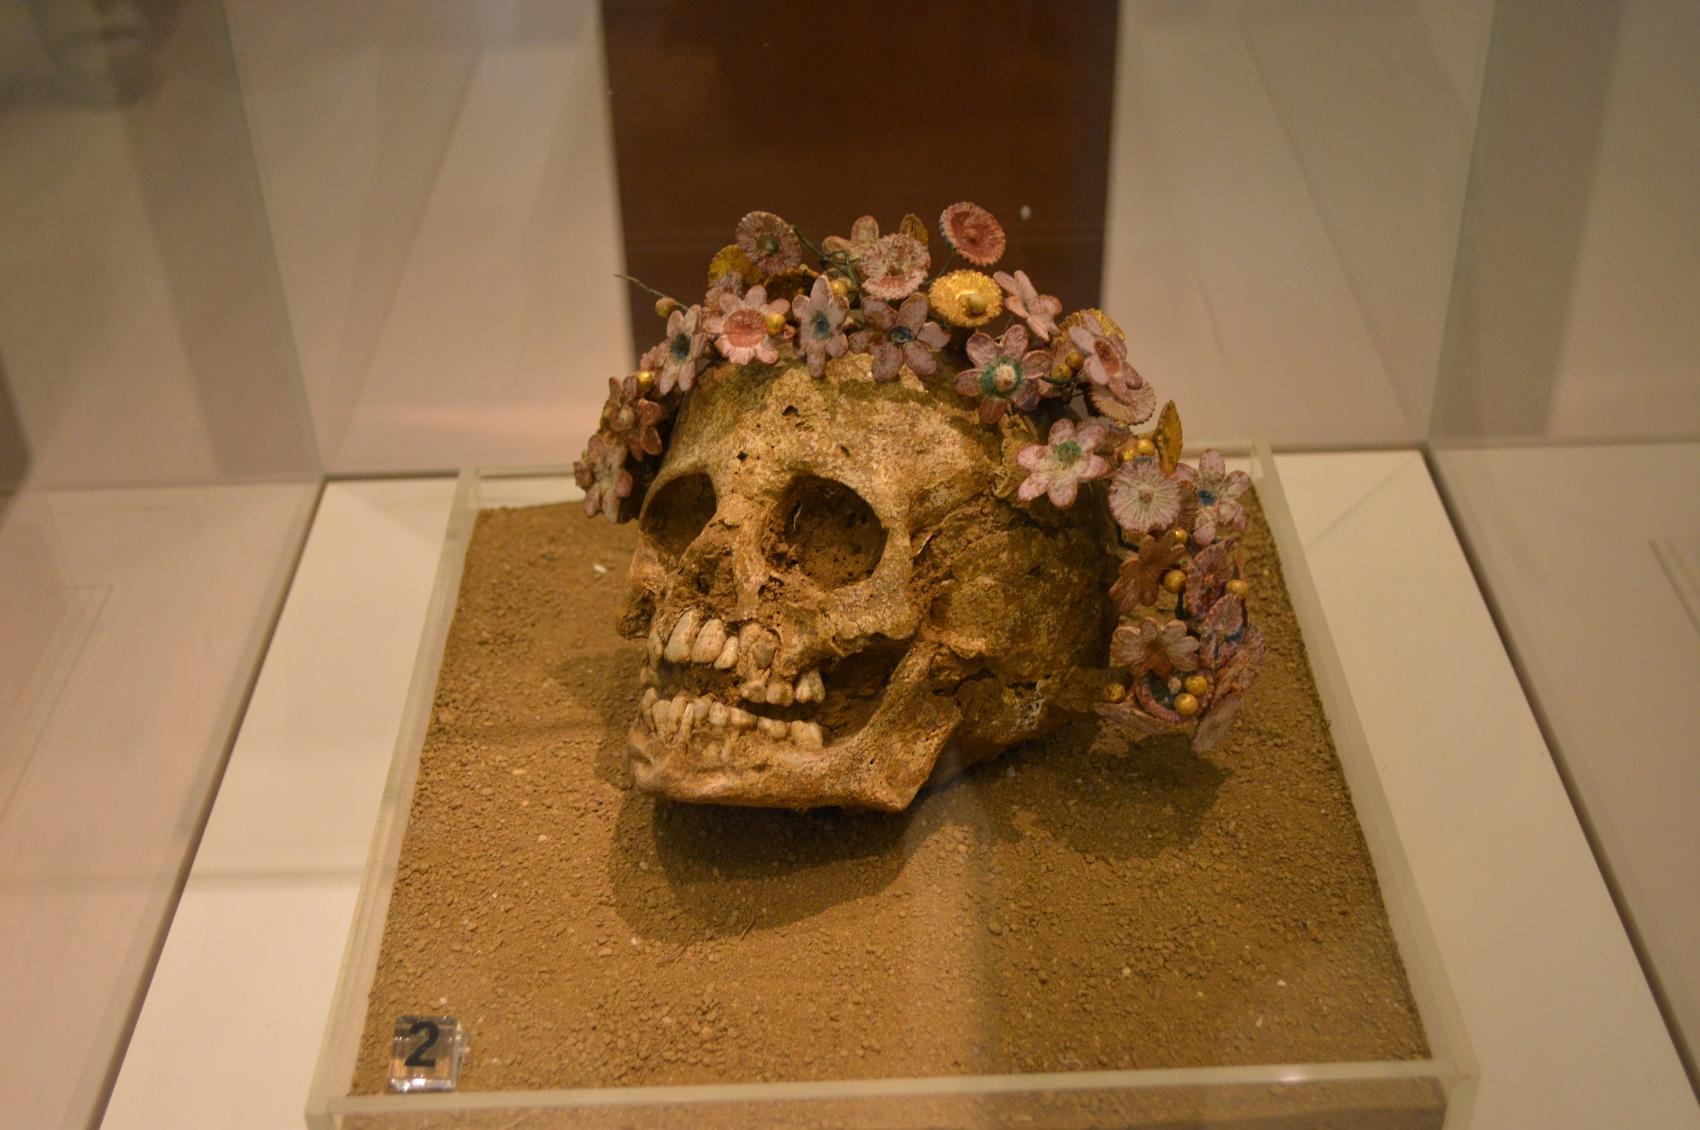 kranie-400-300-fvt-hellinistisk